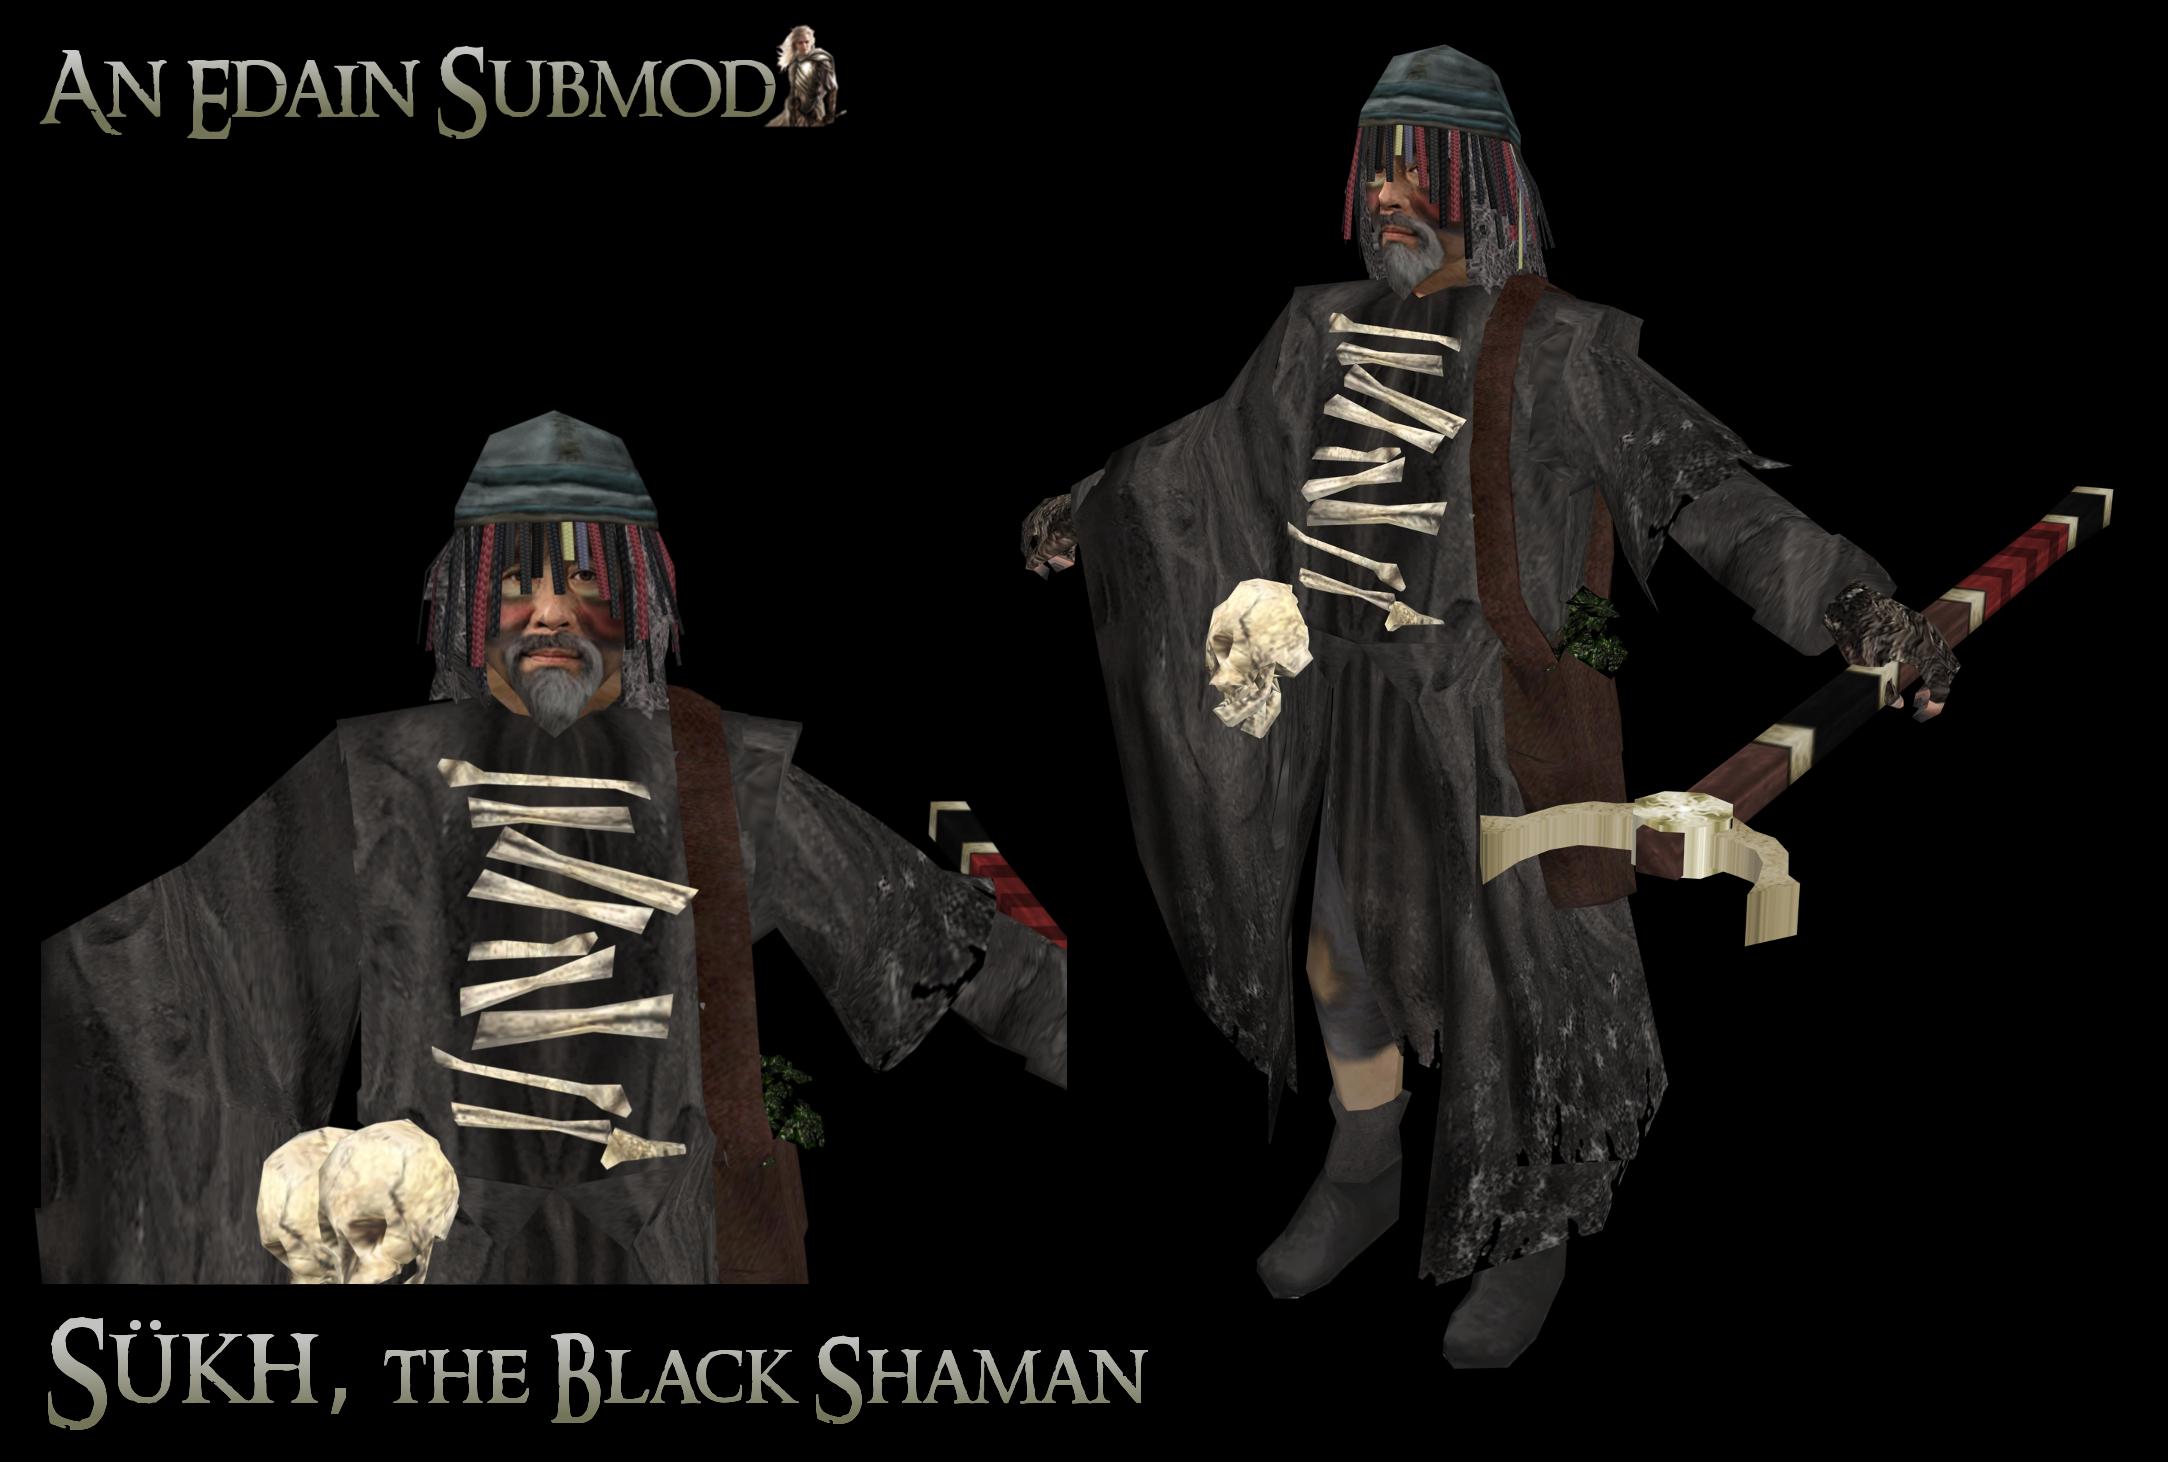 Sükh, the Black Shaman